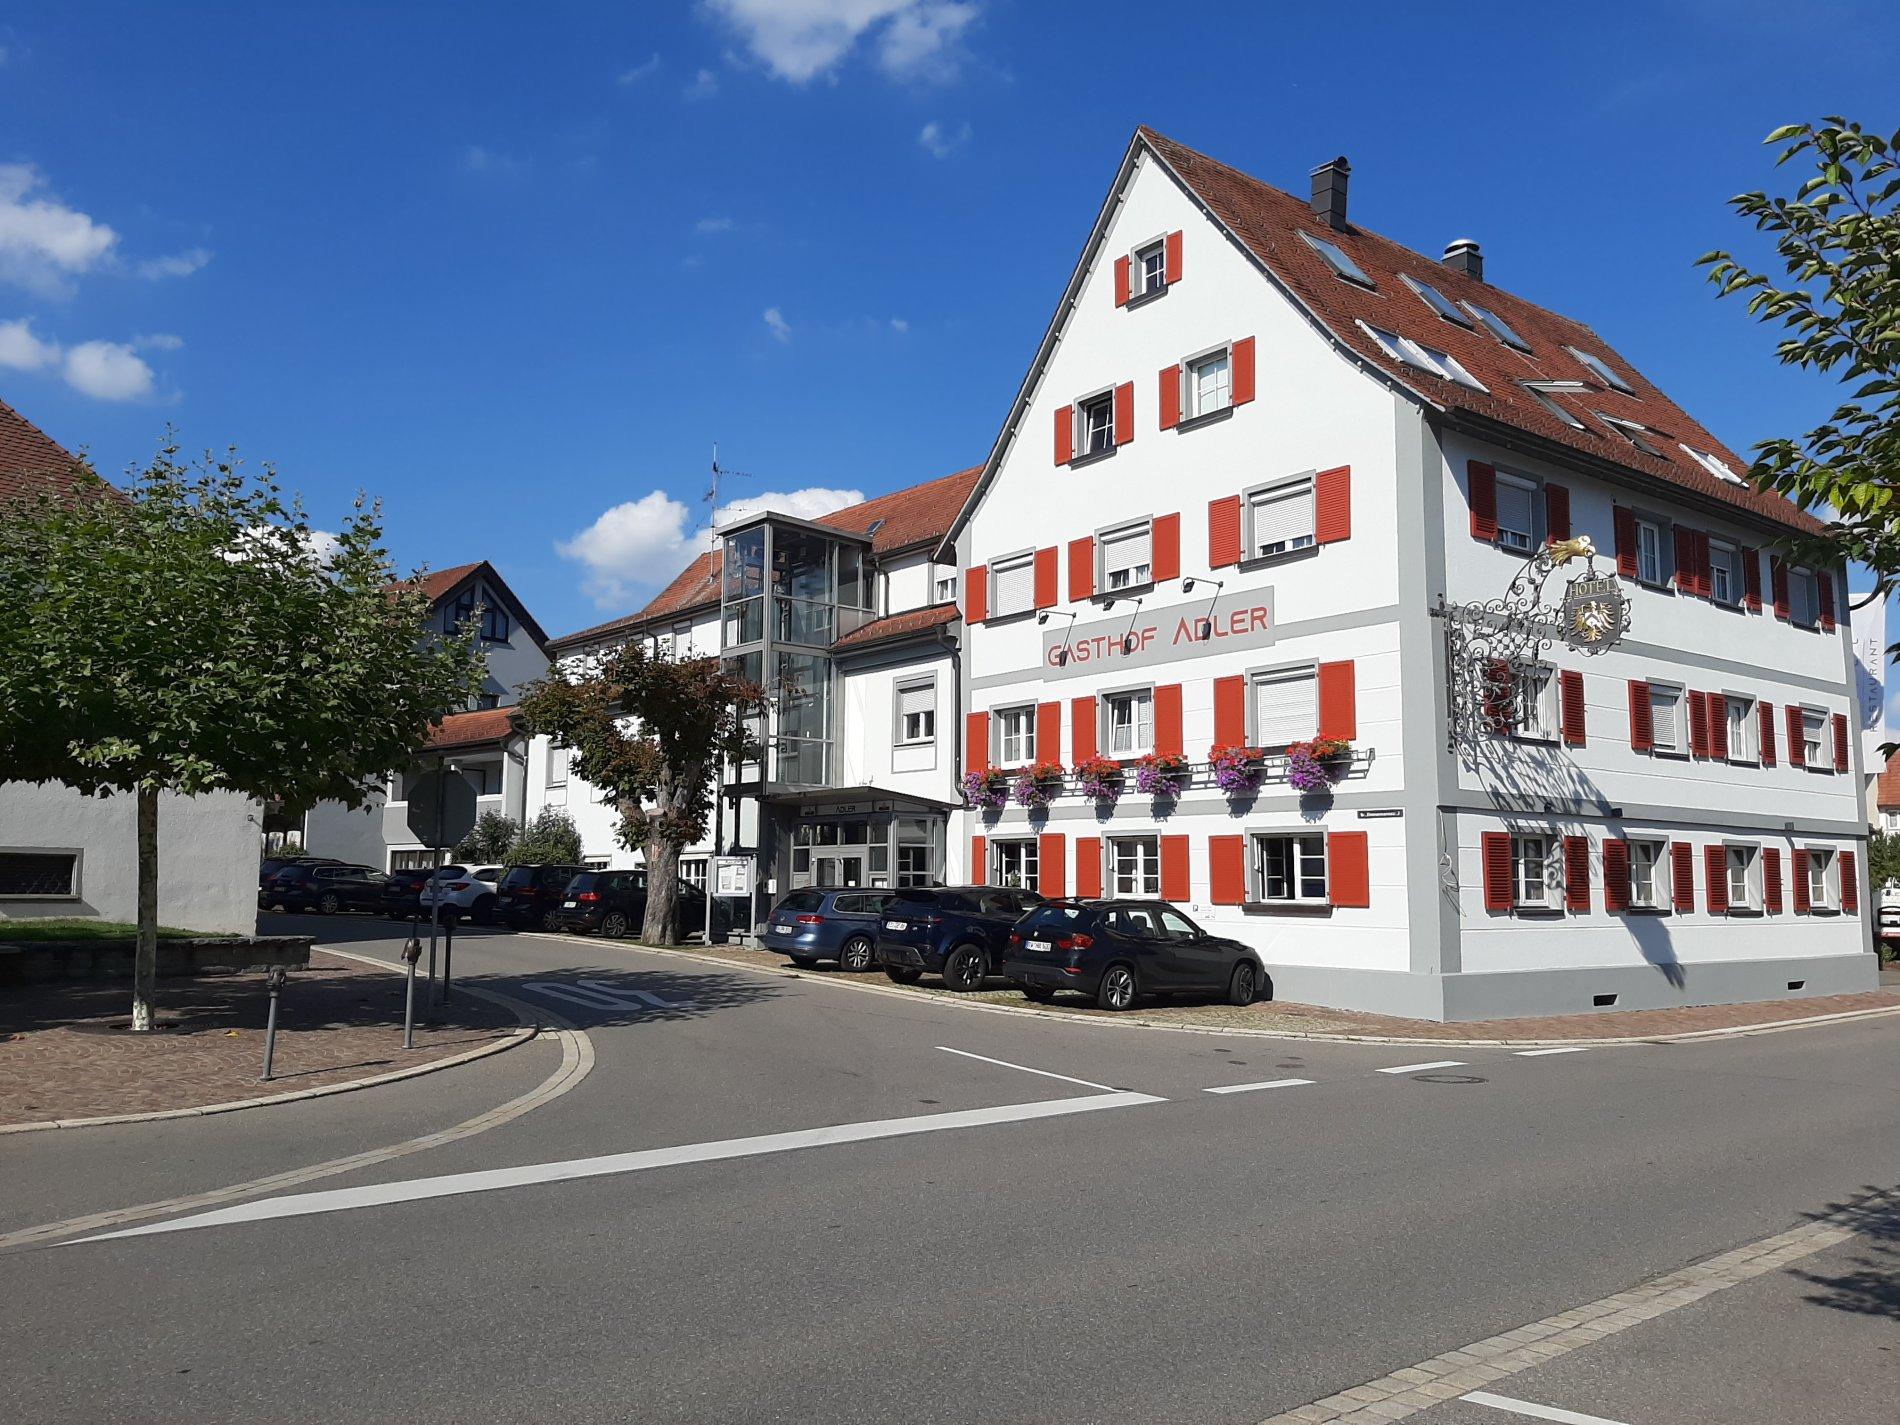 Eingangstür Gasthof Adler